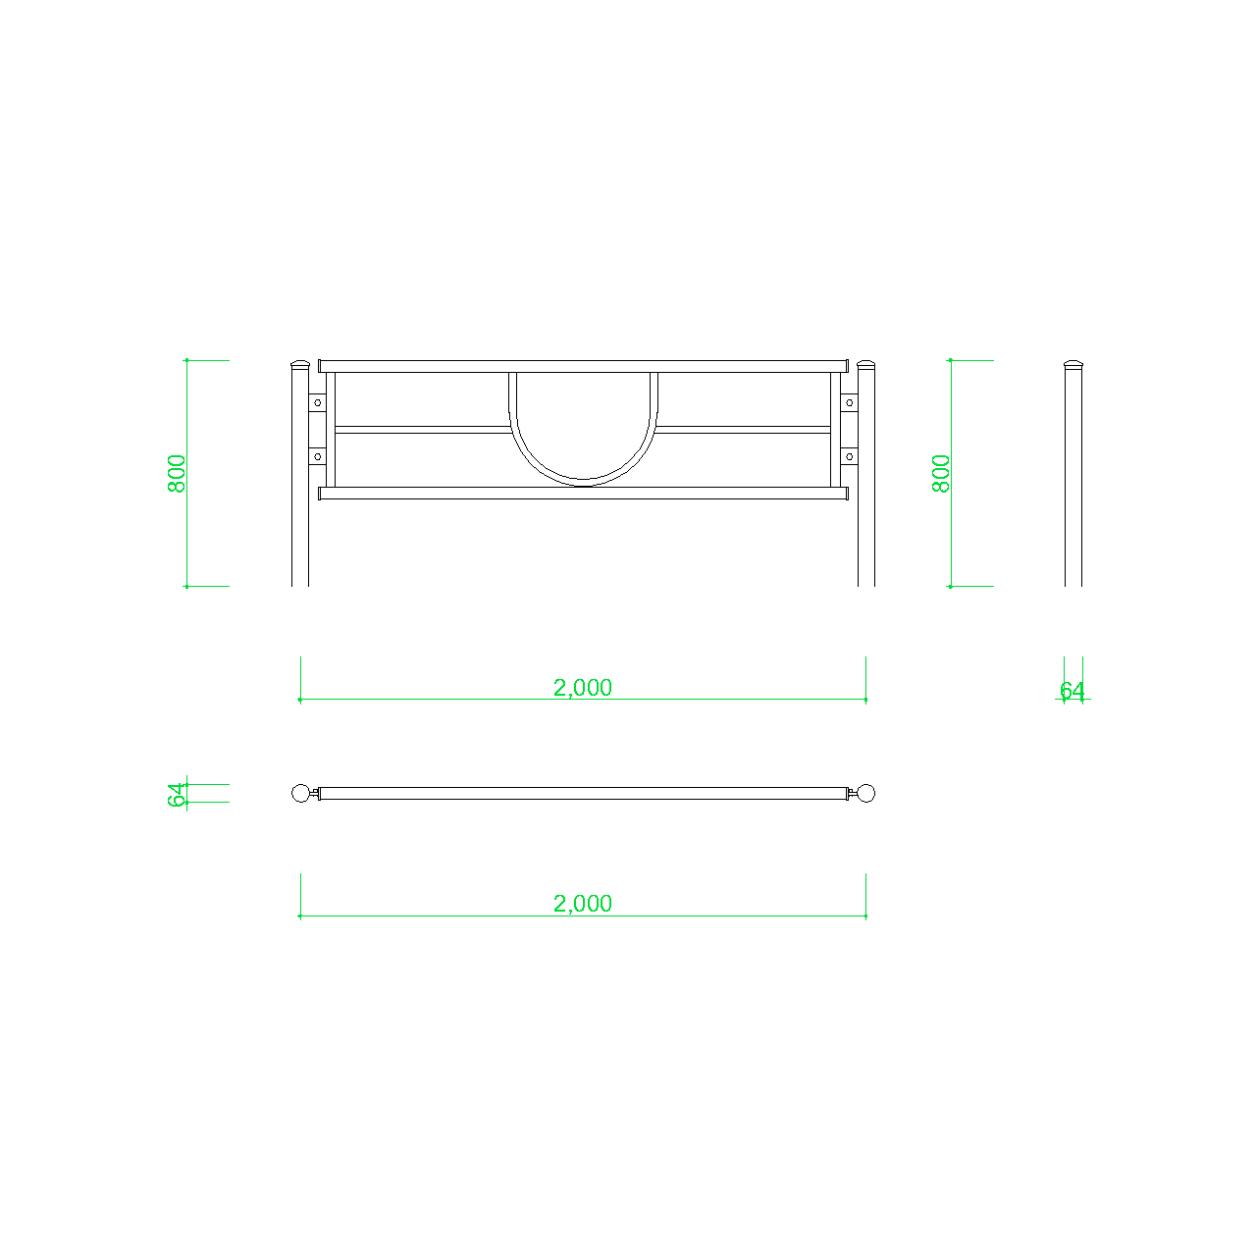 ガードパイプ(2m)の2DCAD部品,無料,商用可能,フリー素材,フリーデータ,AUTOCAD,DWG,DXF,道路,road,車両用防護柵,ガードフェンス,guard pipe,fence